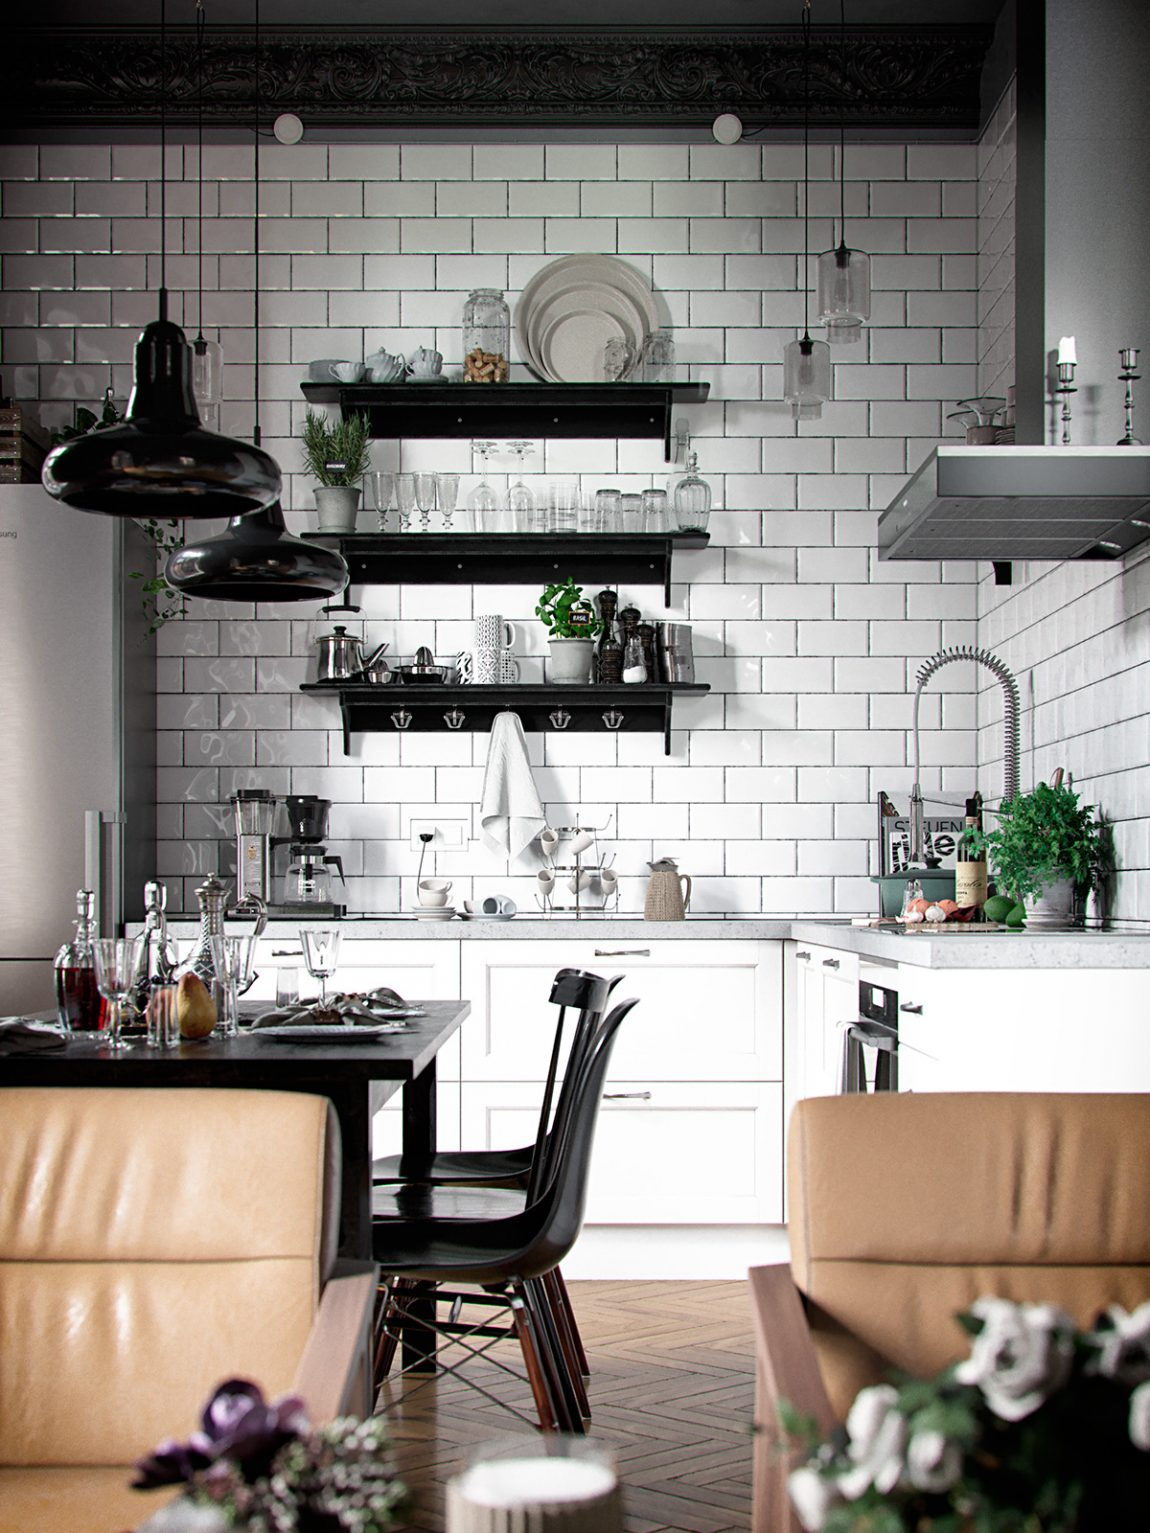 Woonkamer met een eclectisch interieur en een zwart for Eclectische stijl interieur